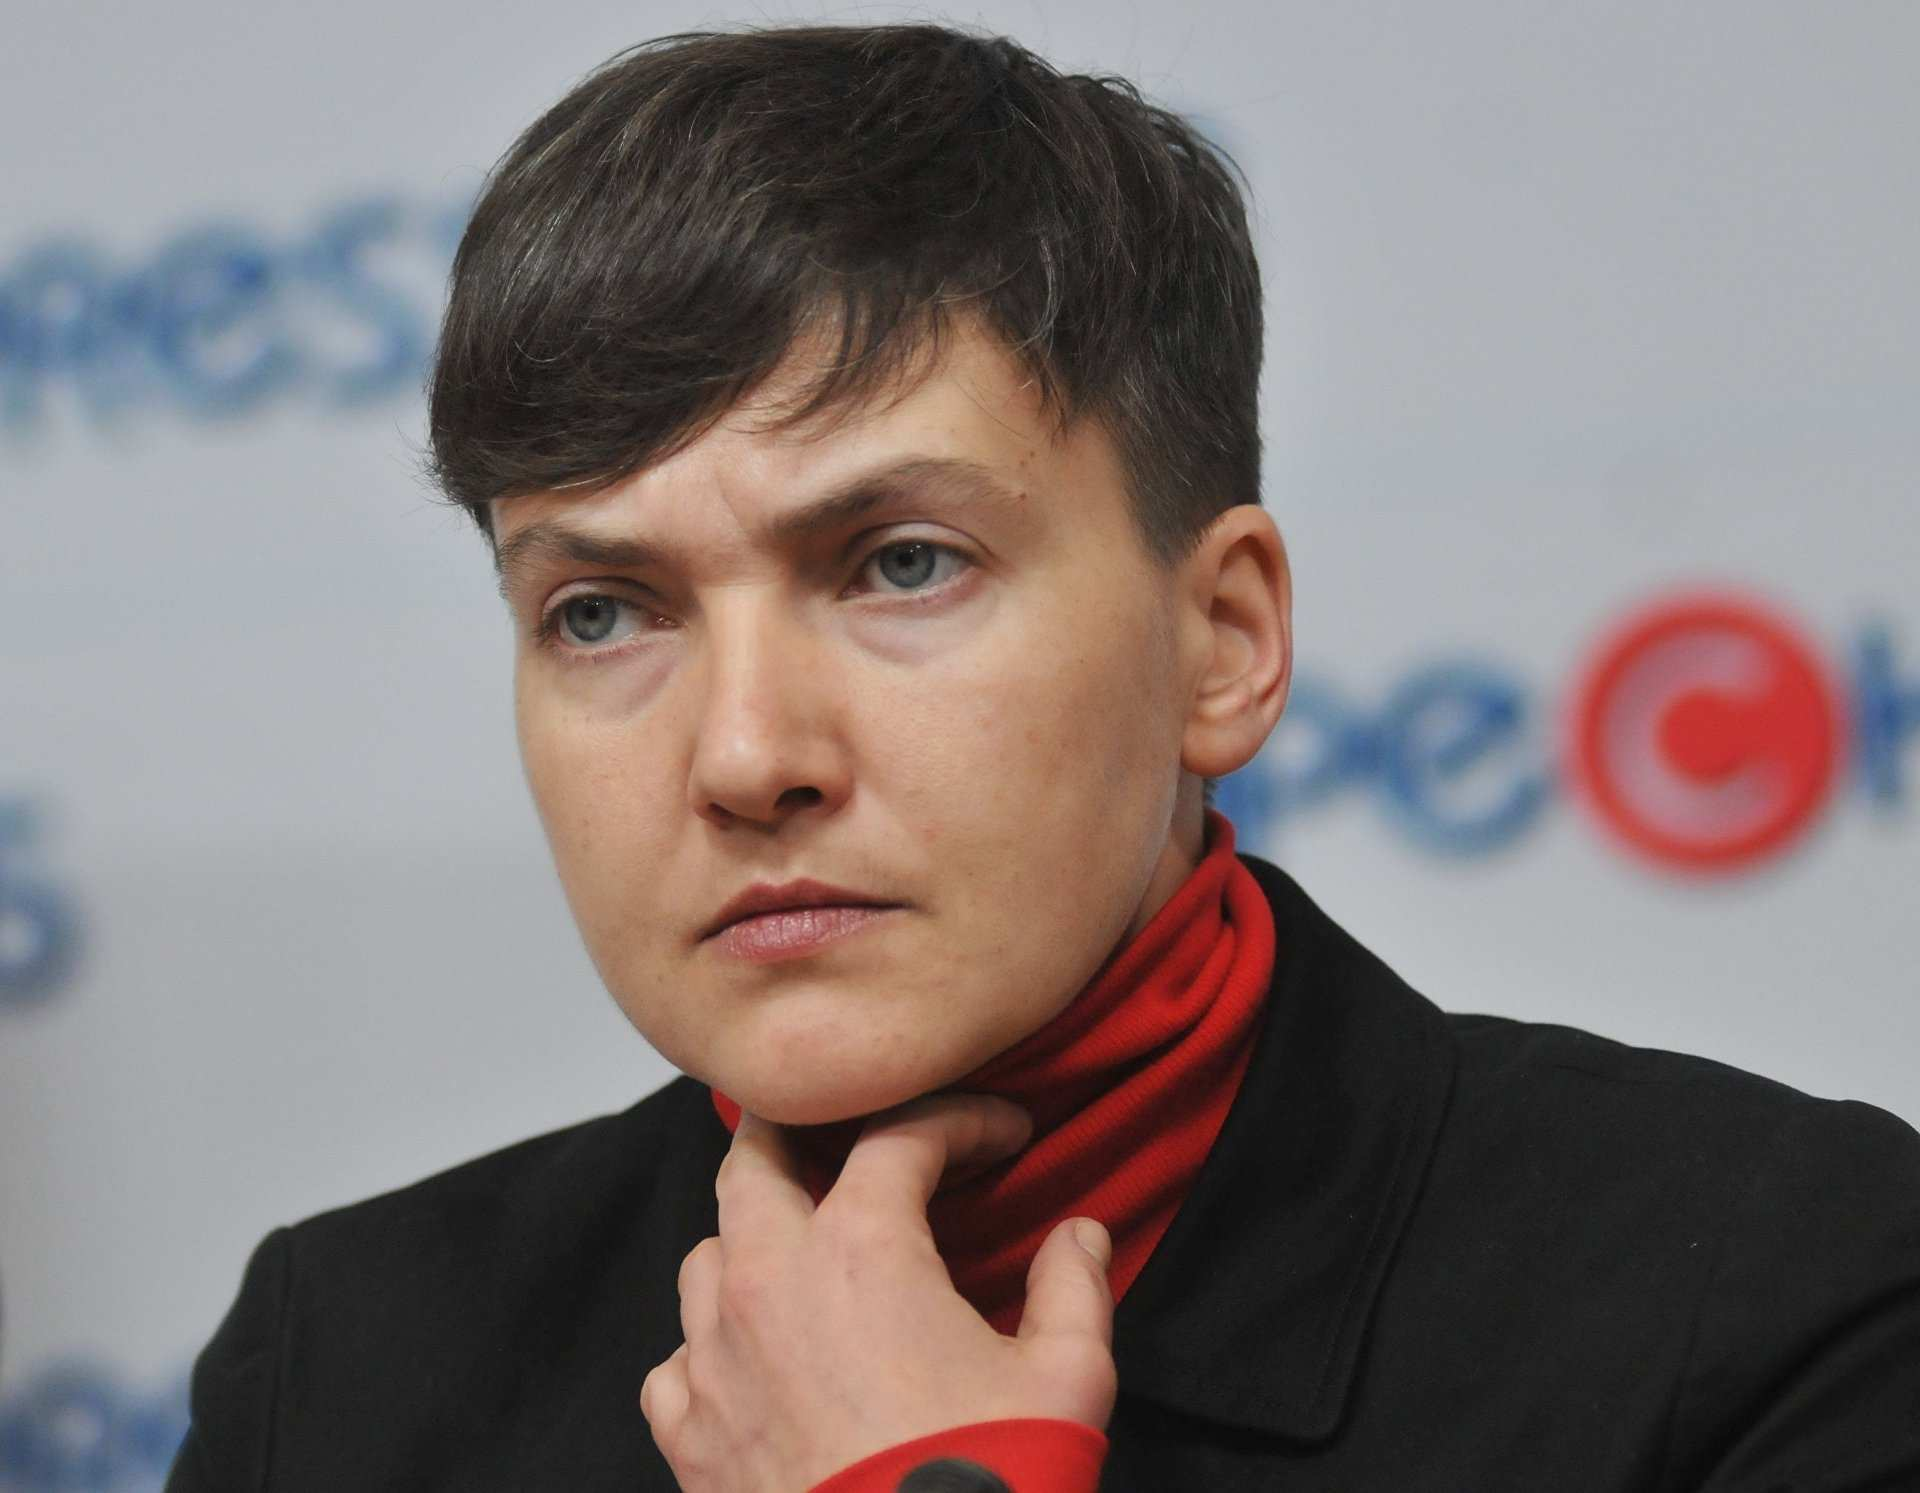 Украинцы выбрали не демократию, а авторитаризм, — Савченко | Русская весна